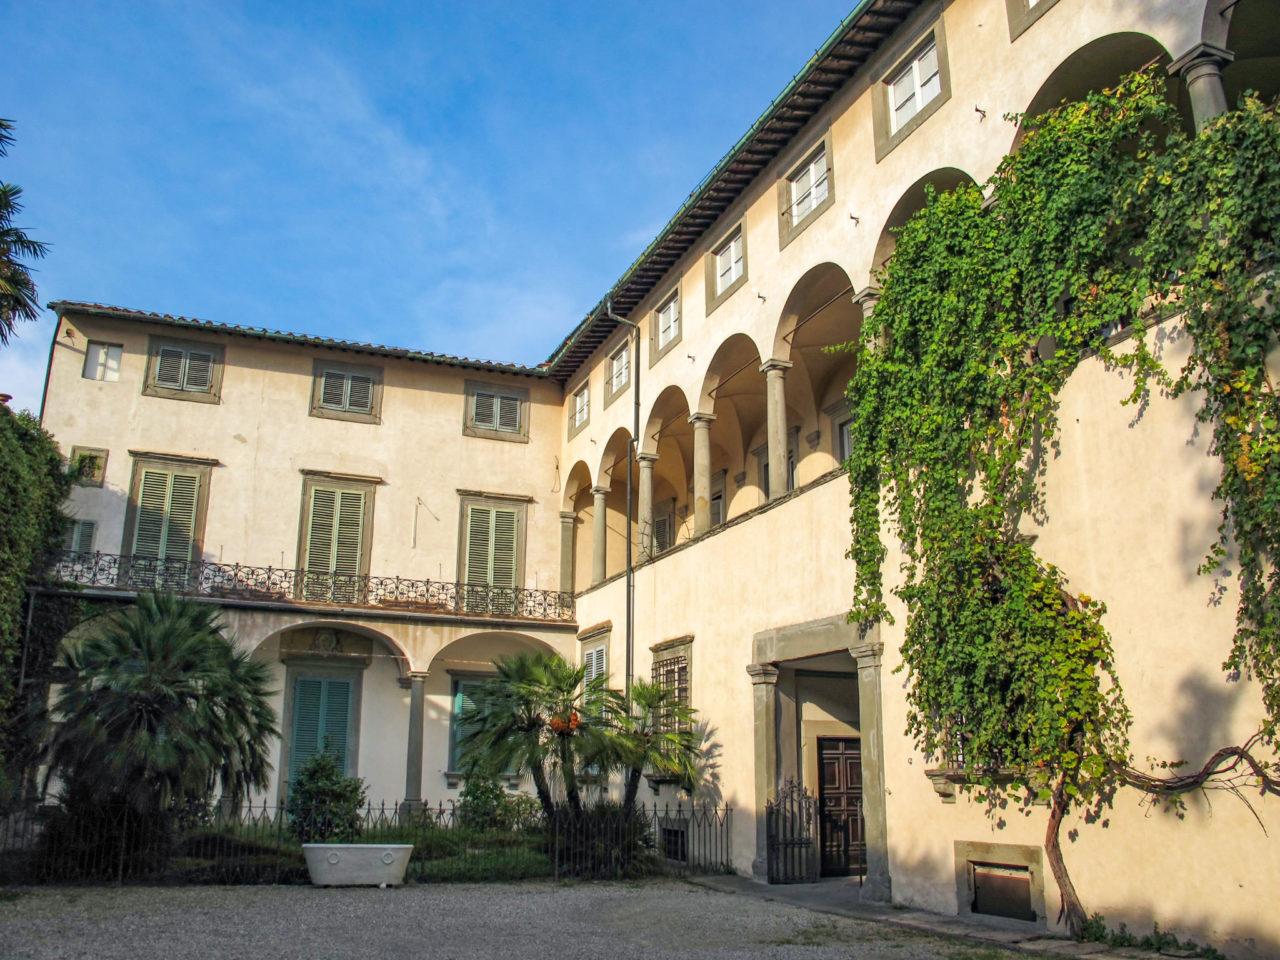 Музей Палаццо Манси (Museo di Palazzo Mansi)